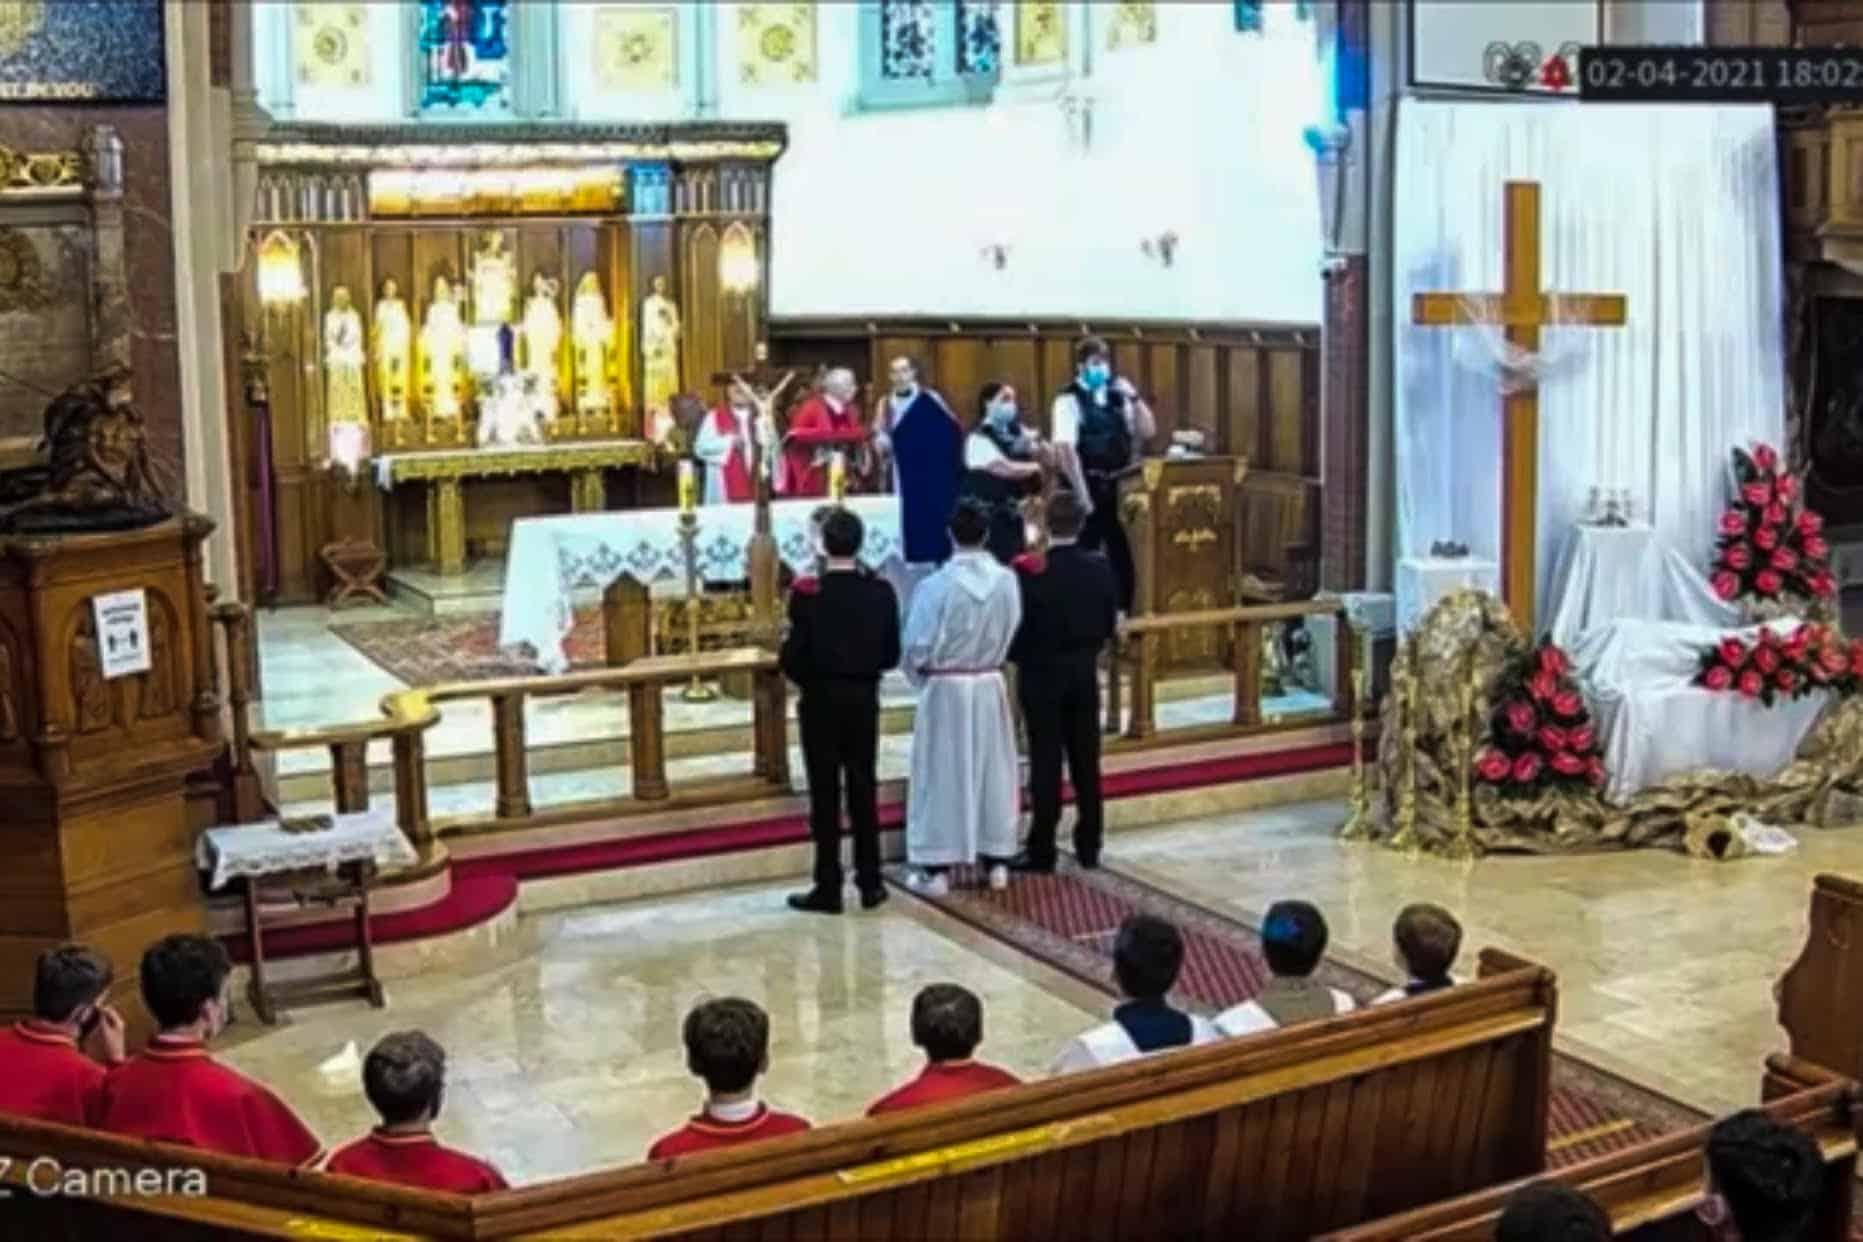 Chiesa Cattolica di Cristo Re a Balham, sud-ovest di Londra